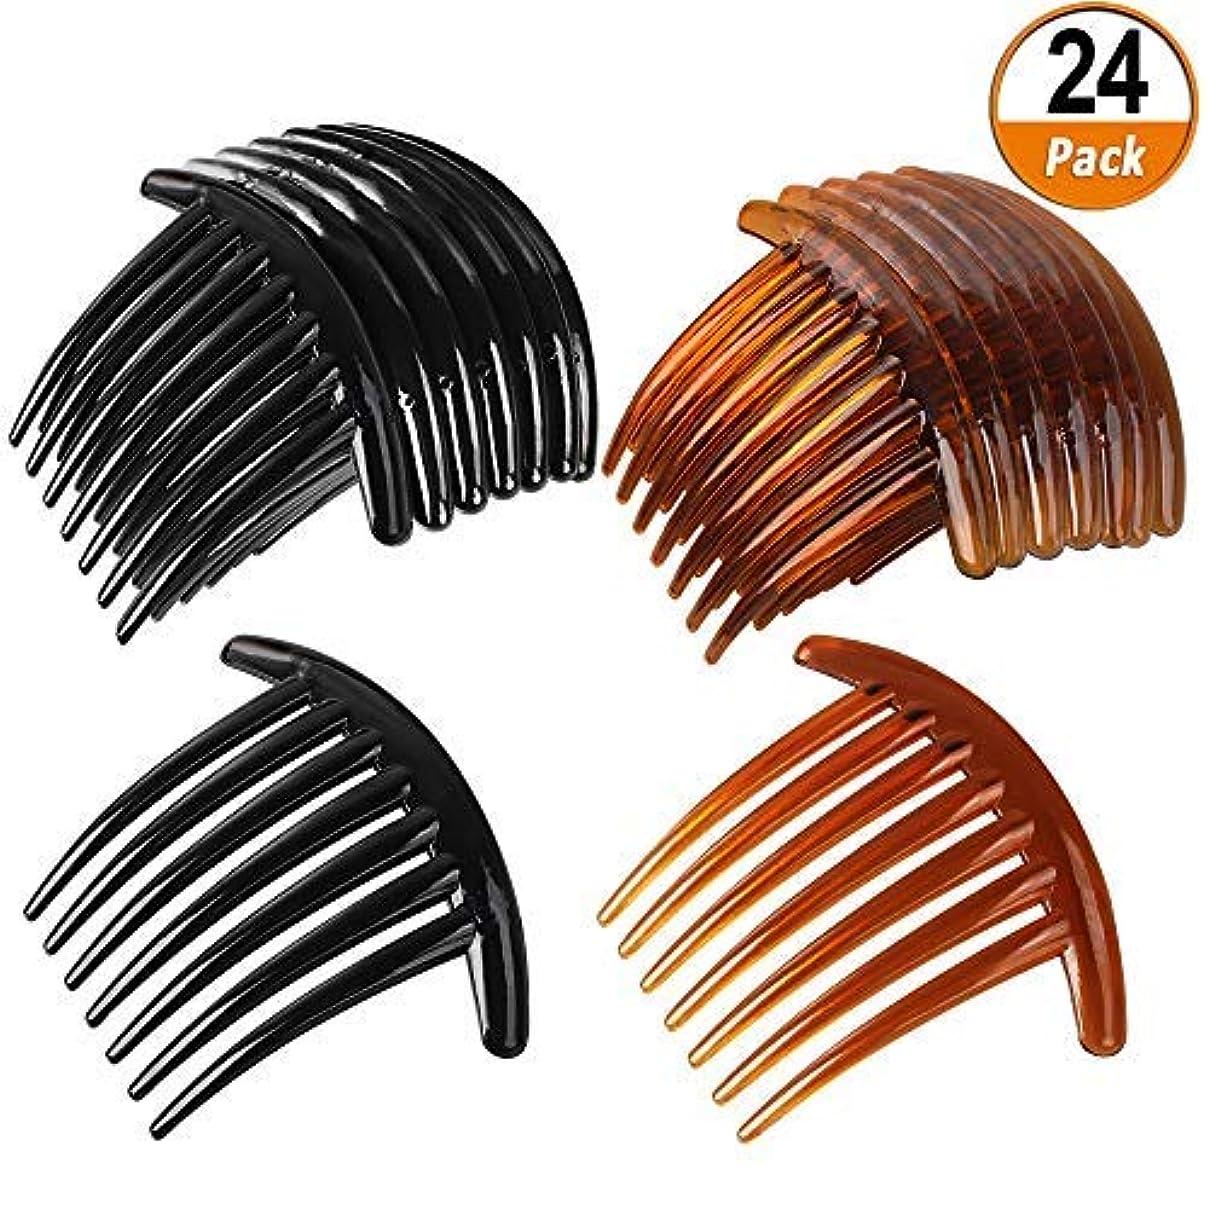 滑りやすい誠実才能24 PCS 7 Tooth French Twist Comb Plastic Hair Clip Hair Side Combs Hair Accessory for Women Girls (Black and Brown...